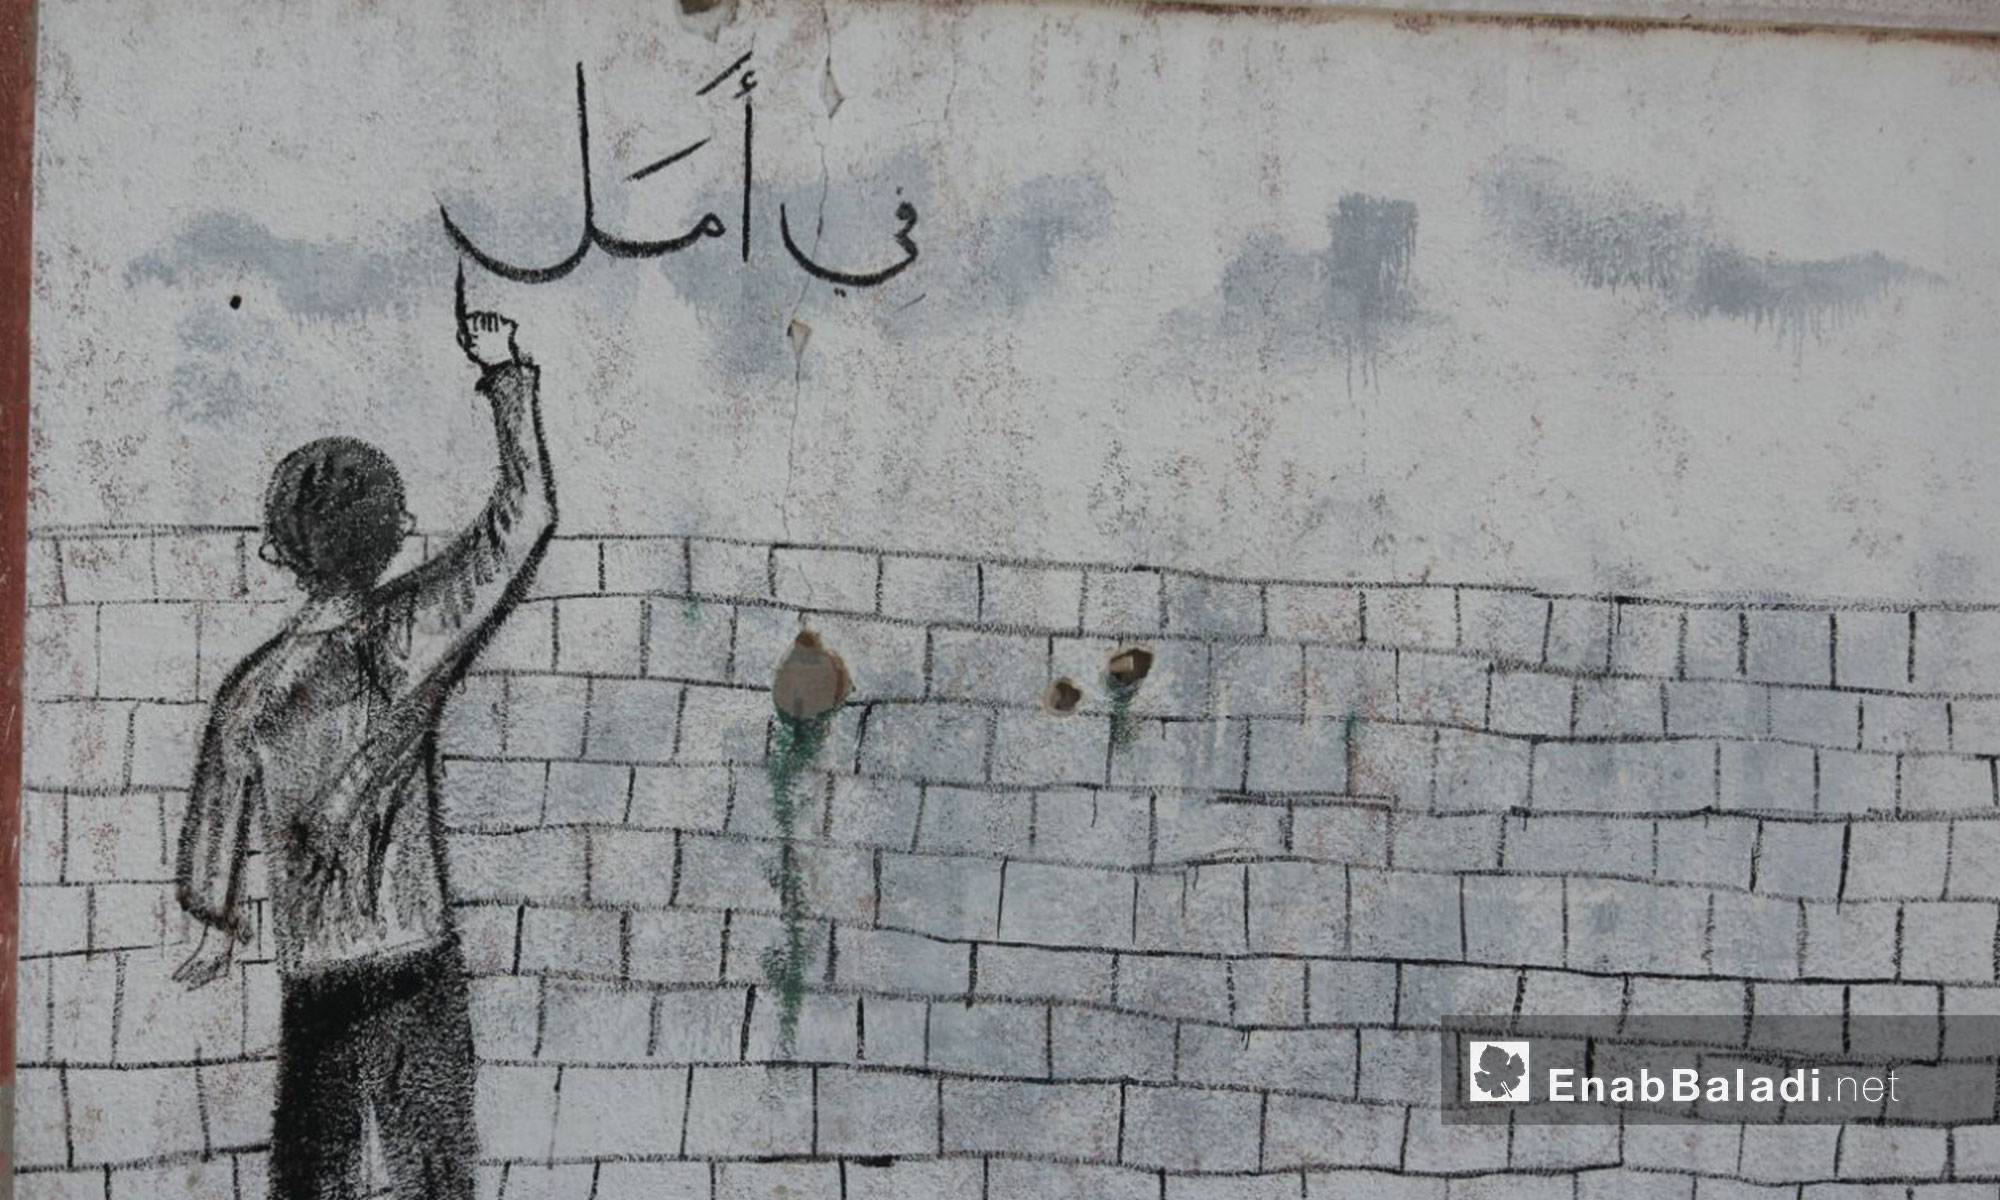 """عبارة """"في أمل"""" على أحد جدران حي الوعر في حمص - 2 شباط 2017 (عنب بلدي)"""